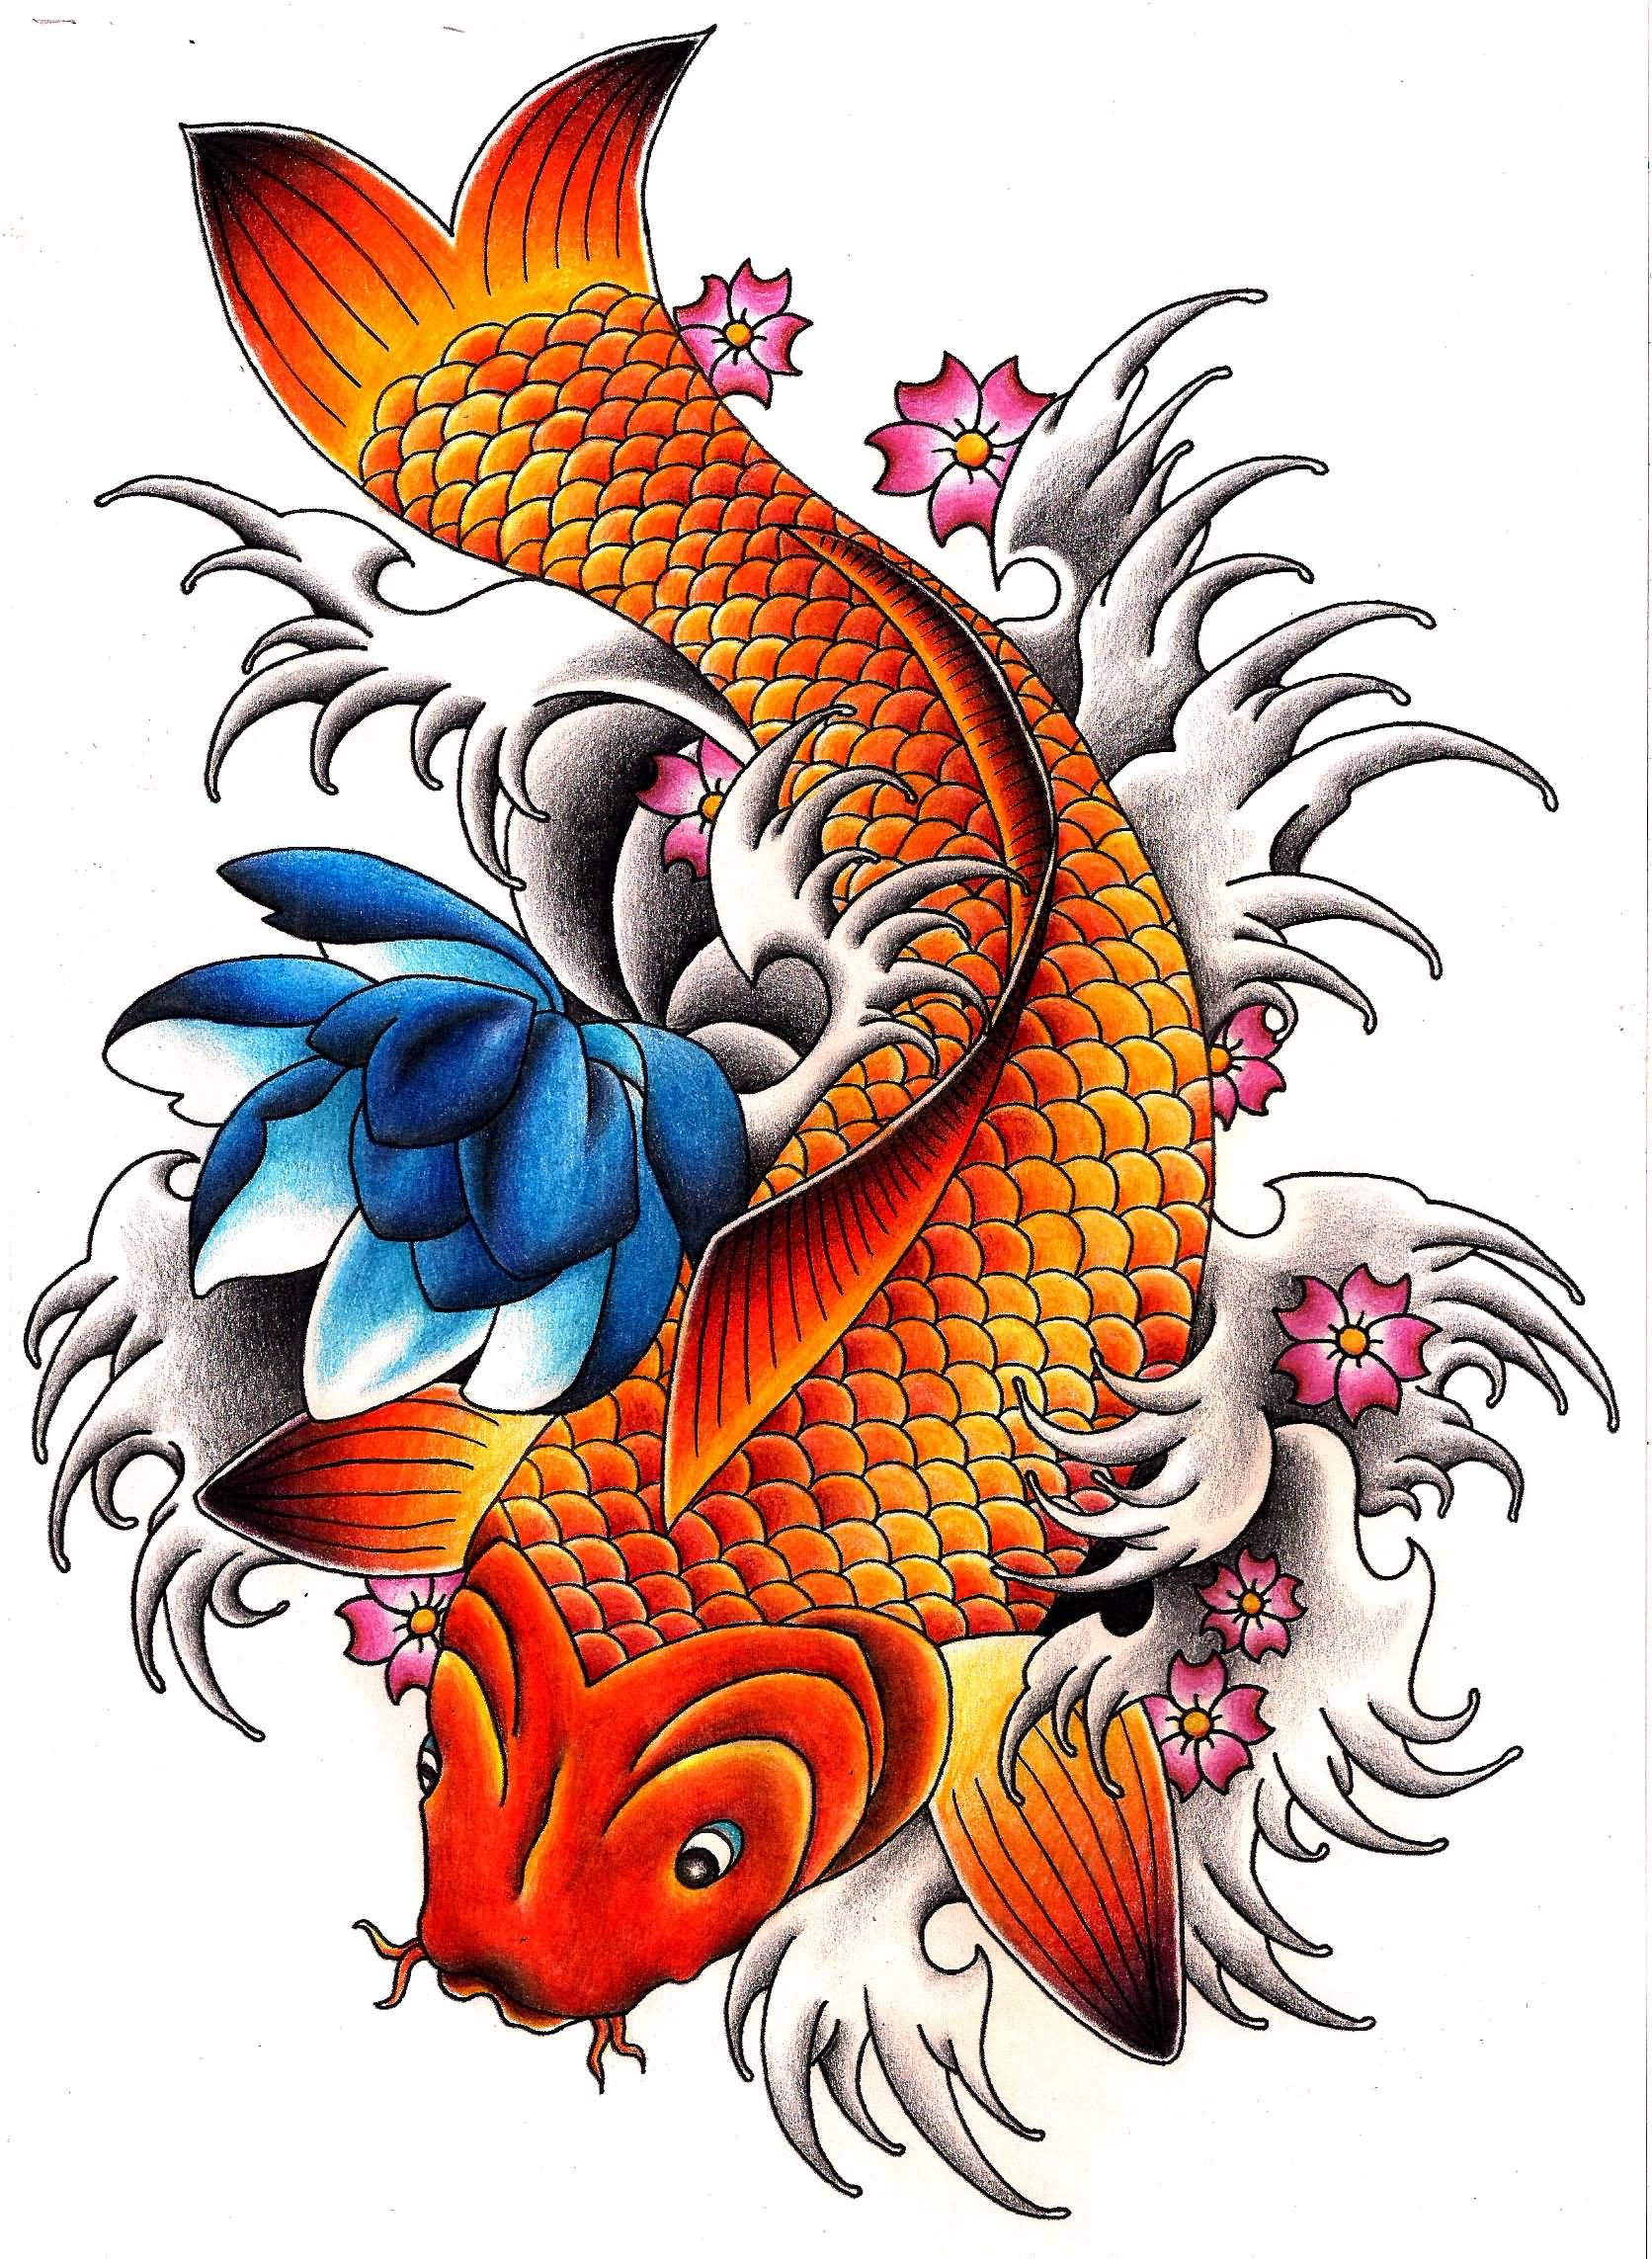 Koi Fish Tattoo Drawing Free Download Best Koi Fish Tattoo Drawing